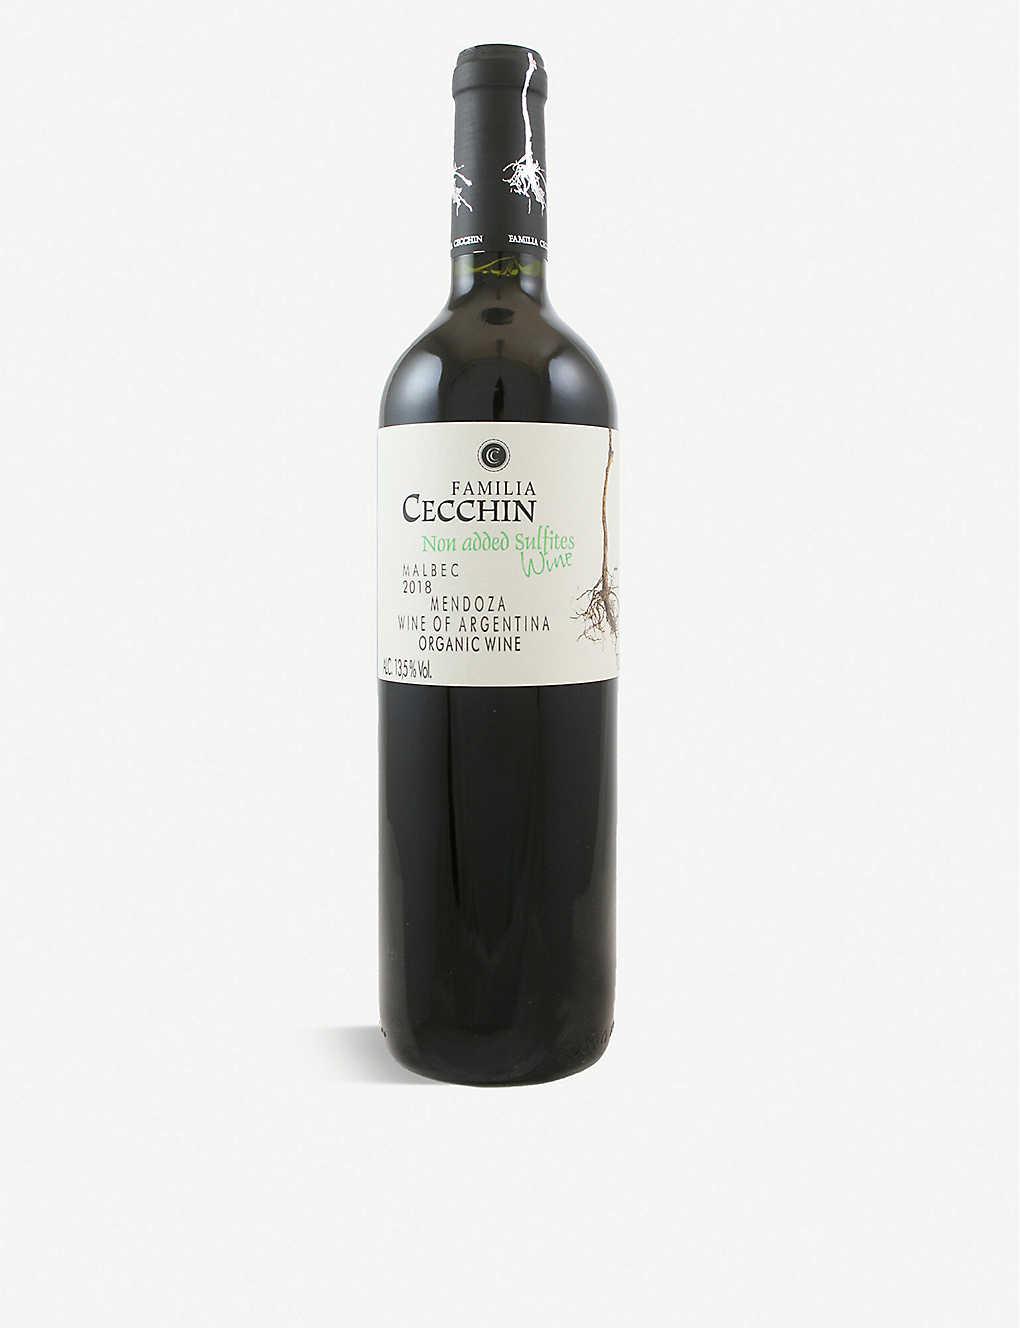 Cecchin Malbec |Red Wine|Argentina|